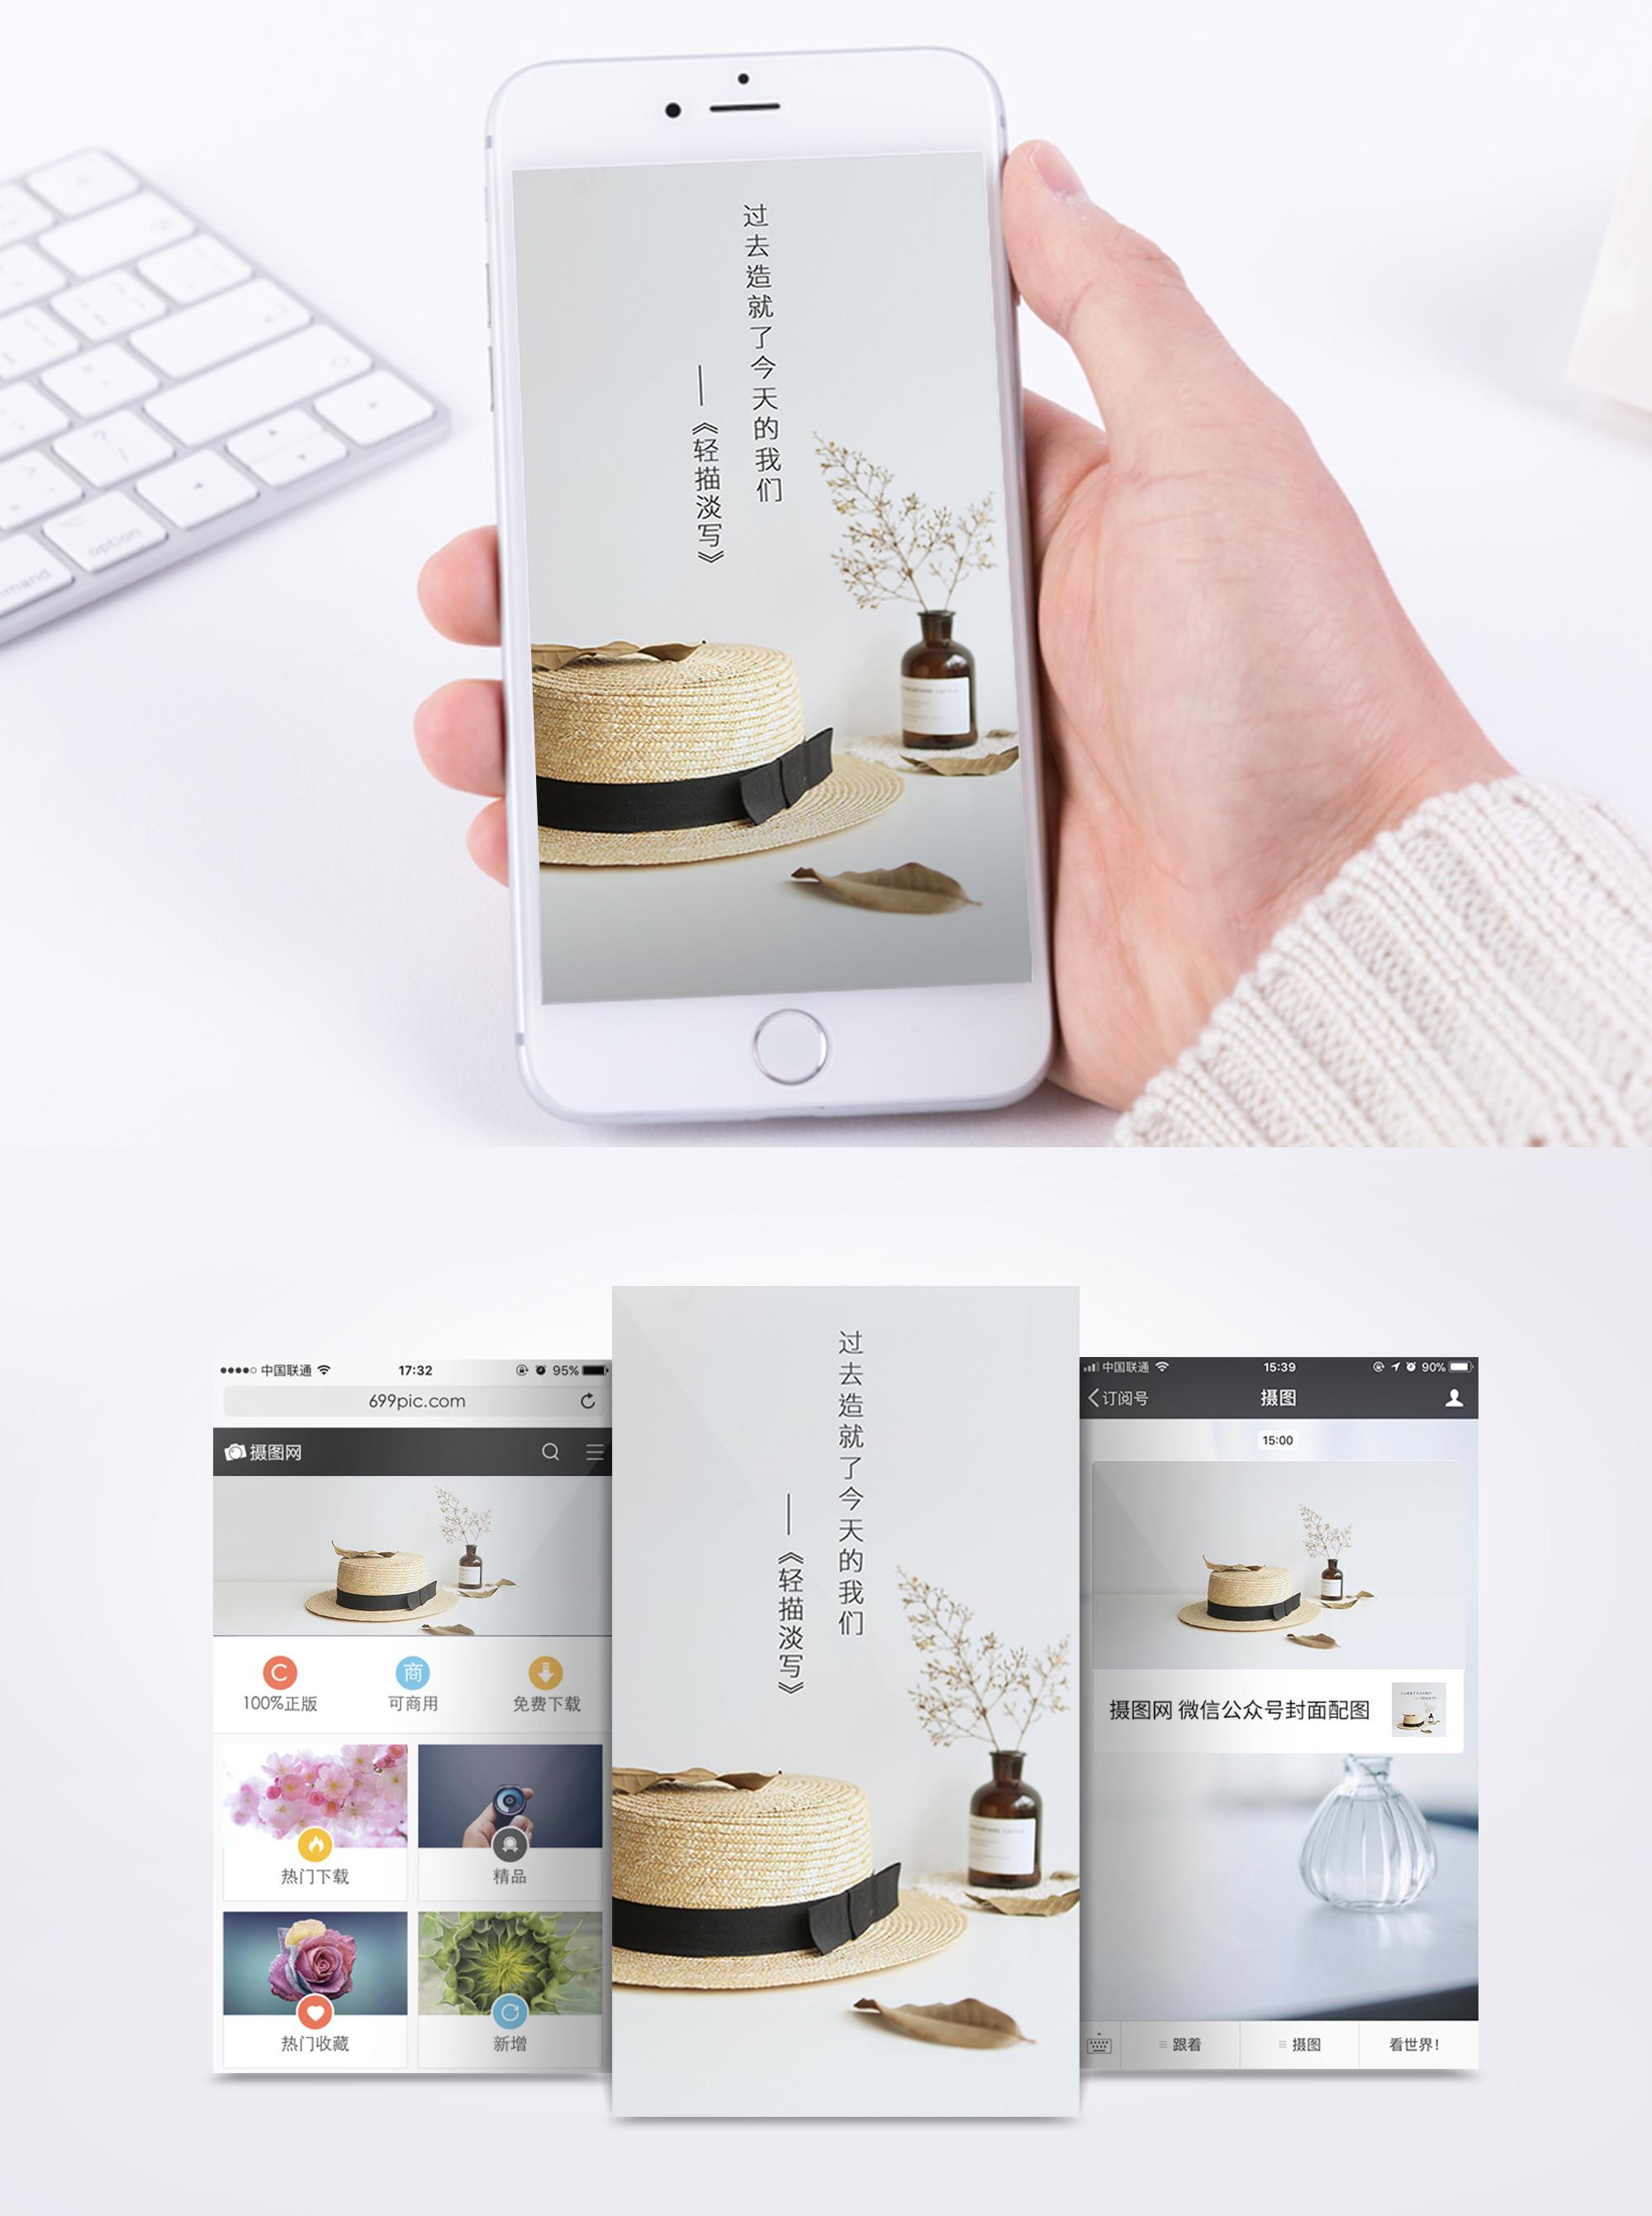 日系风女孩草帽手机壁纸高清图片